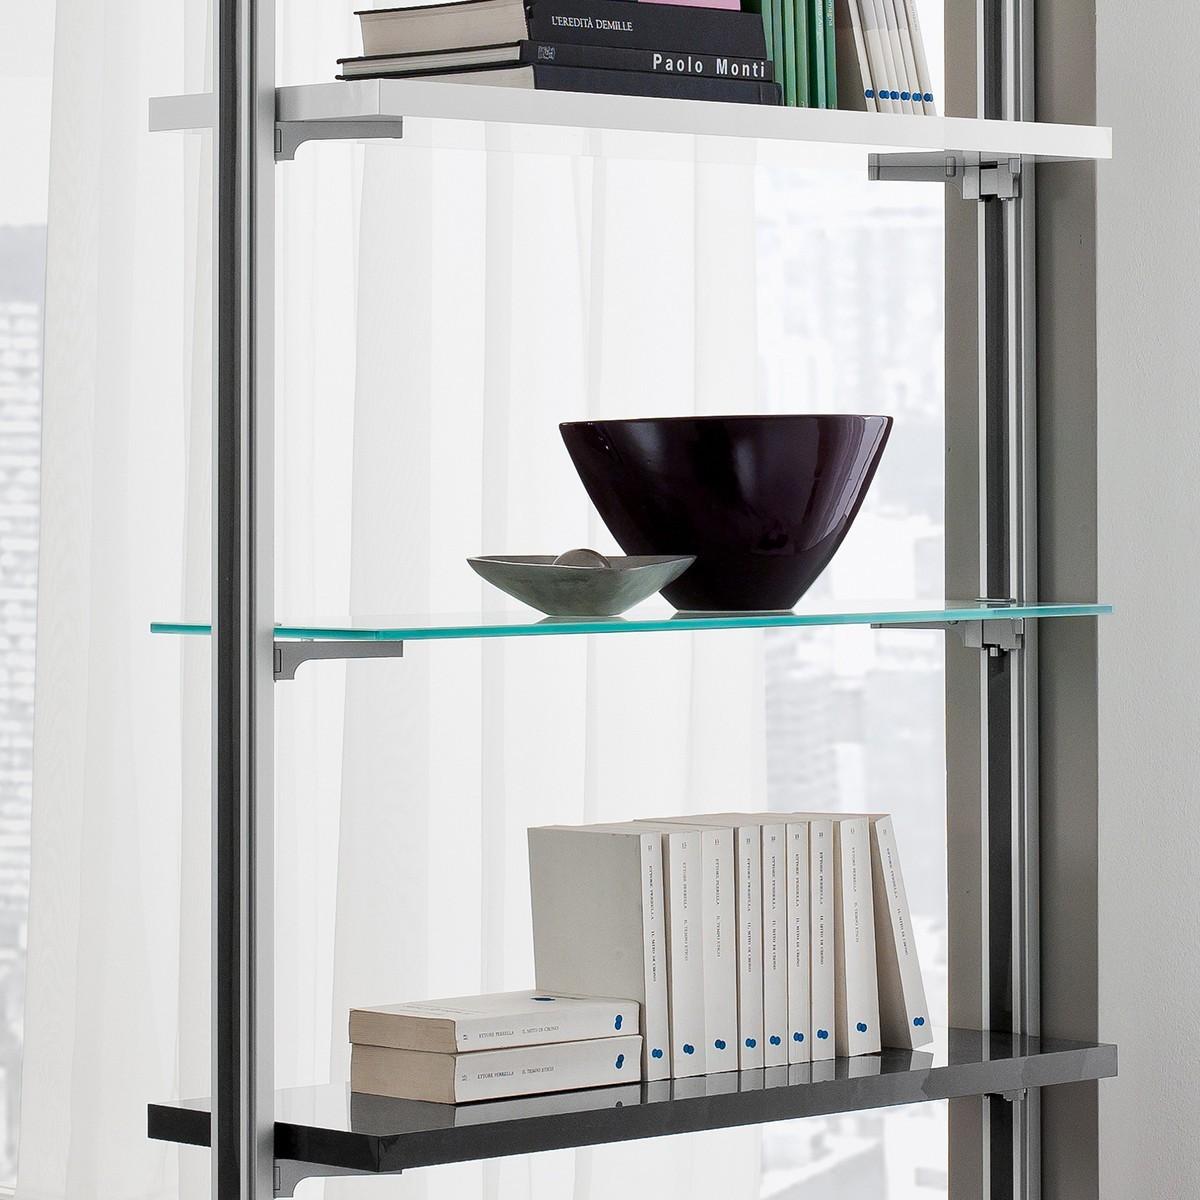 Libreria Bifacciale : Libreria bifacciale per dividere ambienti cm kennedy